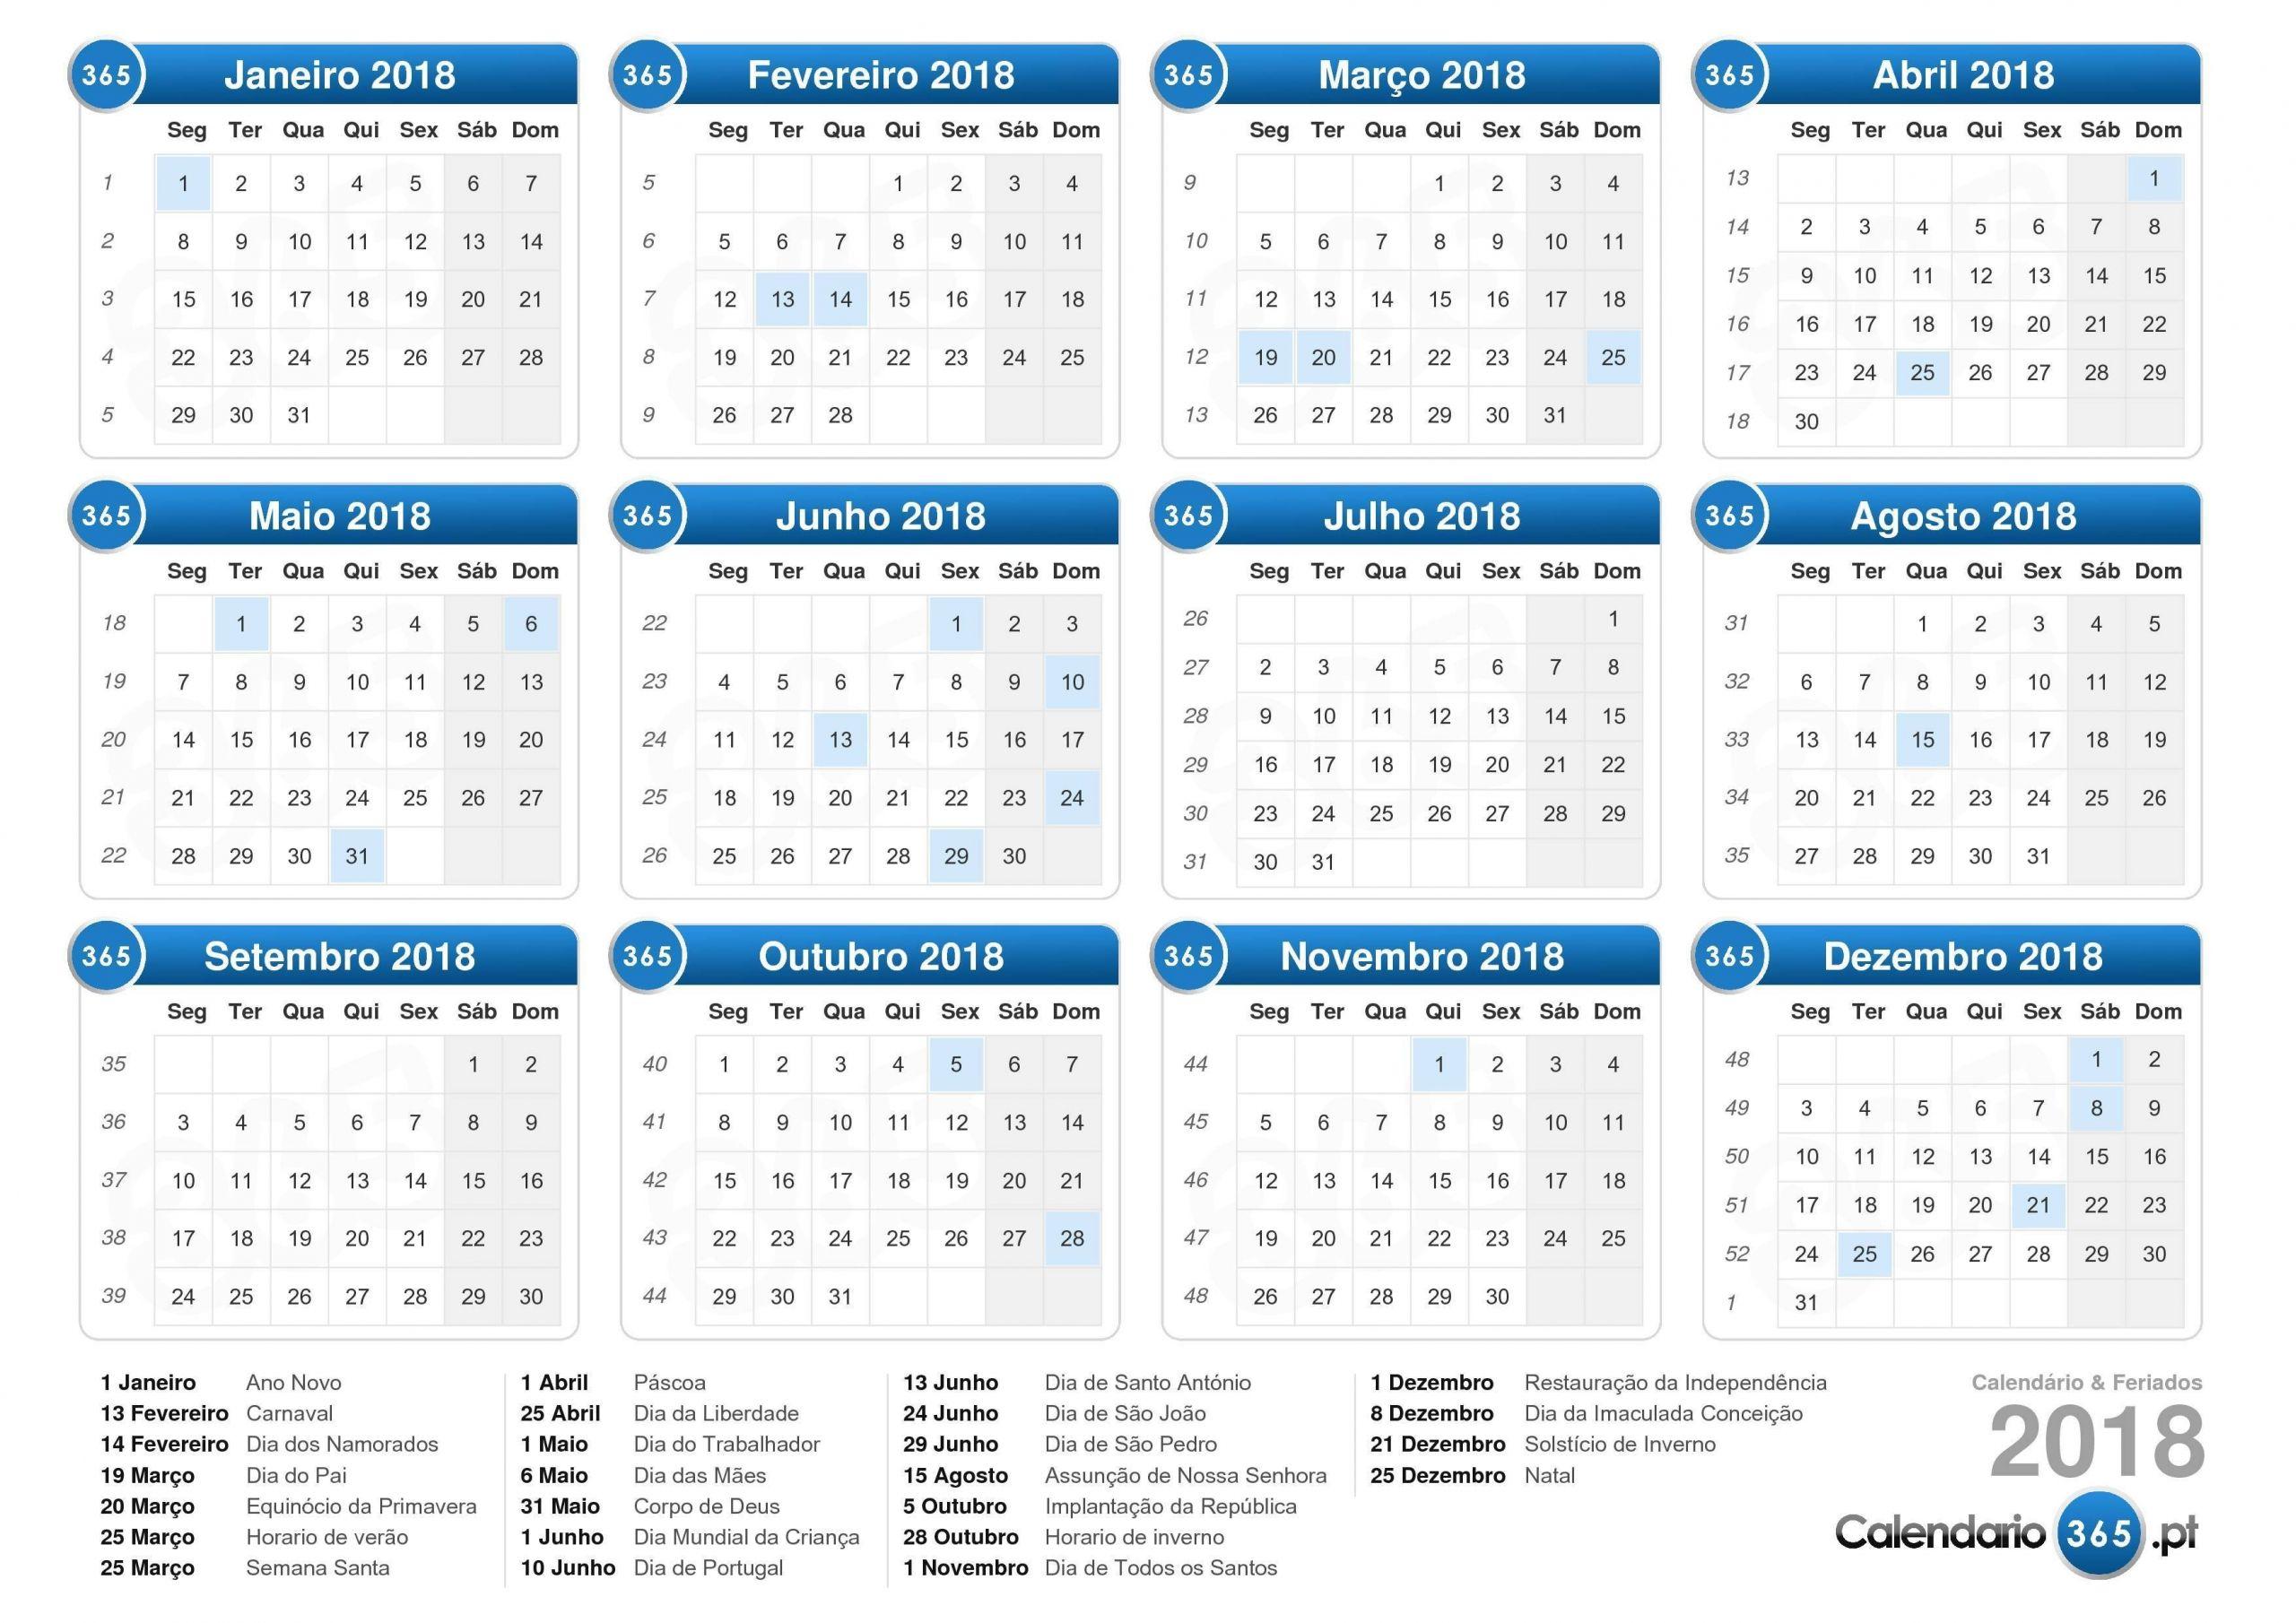 Calendario 2020 Con Festivos Guatemala Más Actual Este Es Sin Duda Calendario 2019 Imprimir Portugues Of Calendario 2020 Con Festivos Guatemala Actual top 12 Calendario Mes De Septiembre Y Octubre 2019